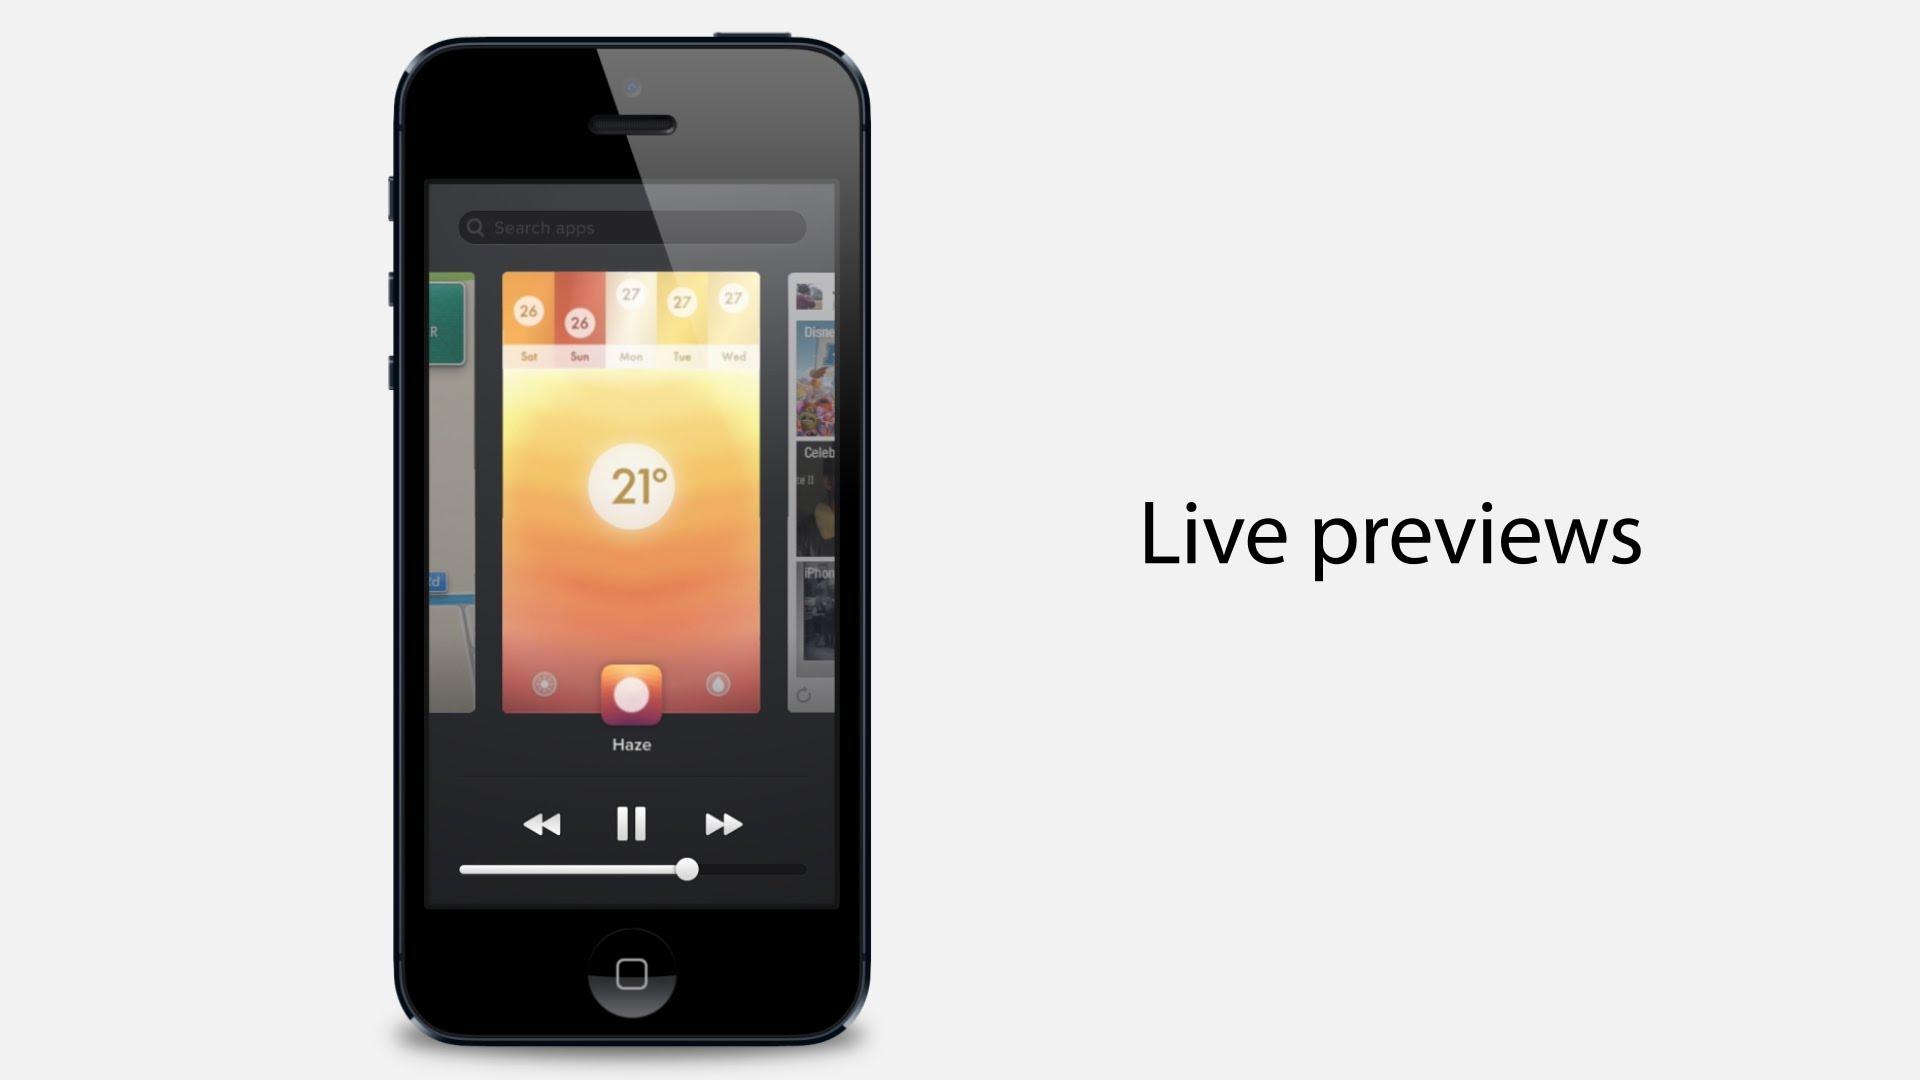 iOS 7 App Switcher Concept: Multitasking Redesign